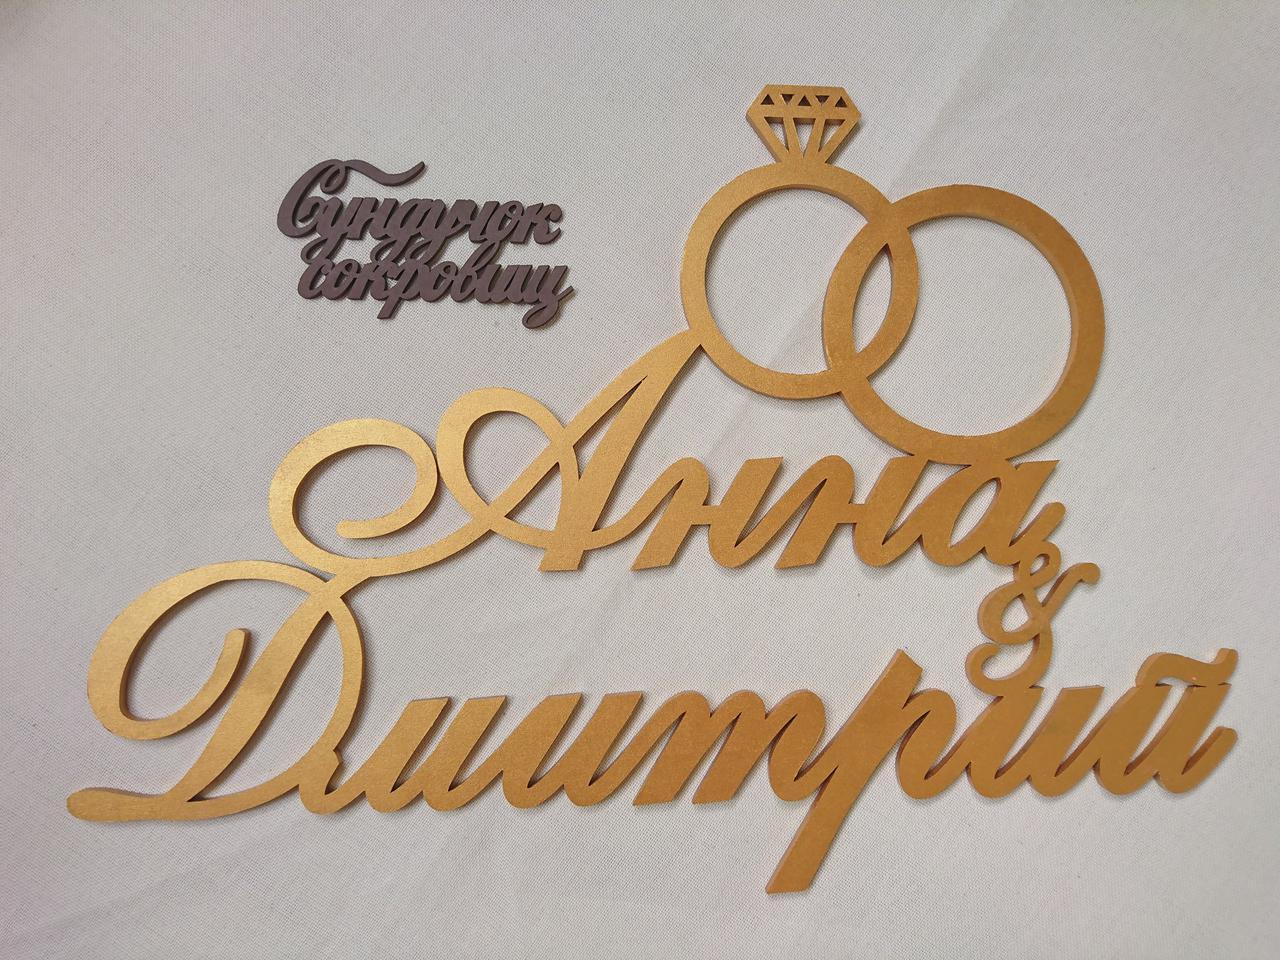 Свадебный декор, имена из дерева с кольцами, свадебные инициалы, герб, монограмма